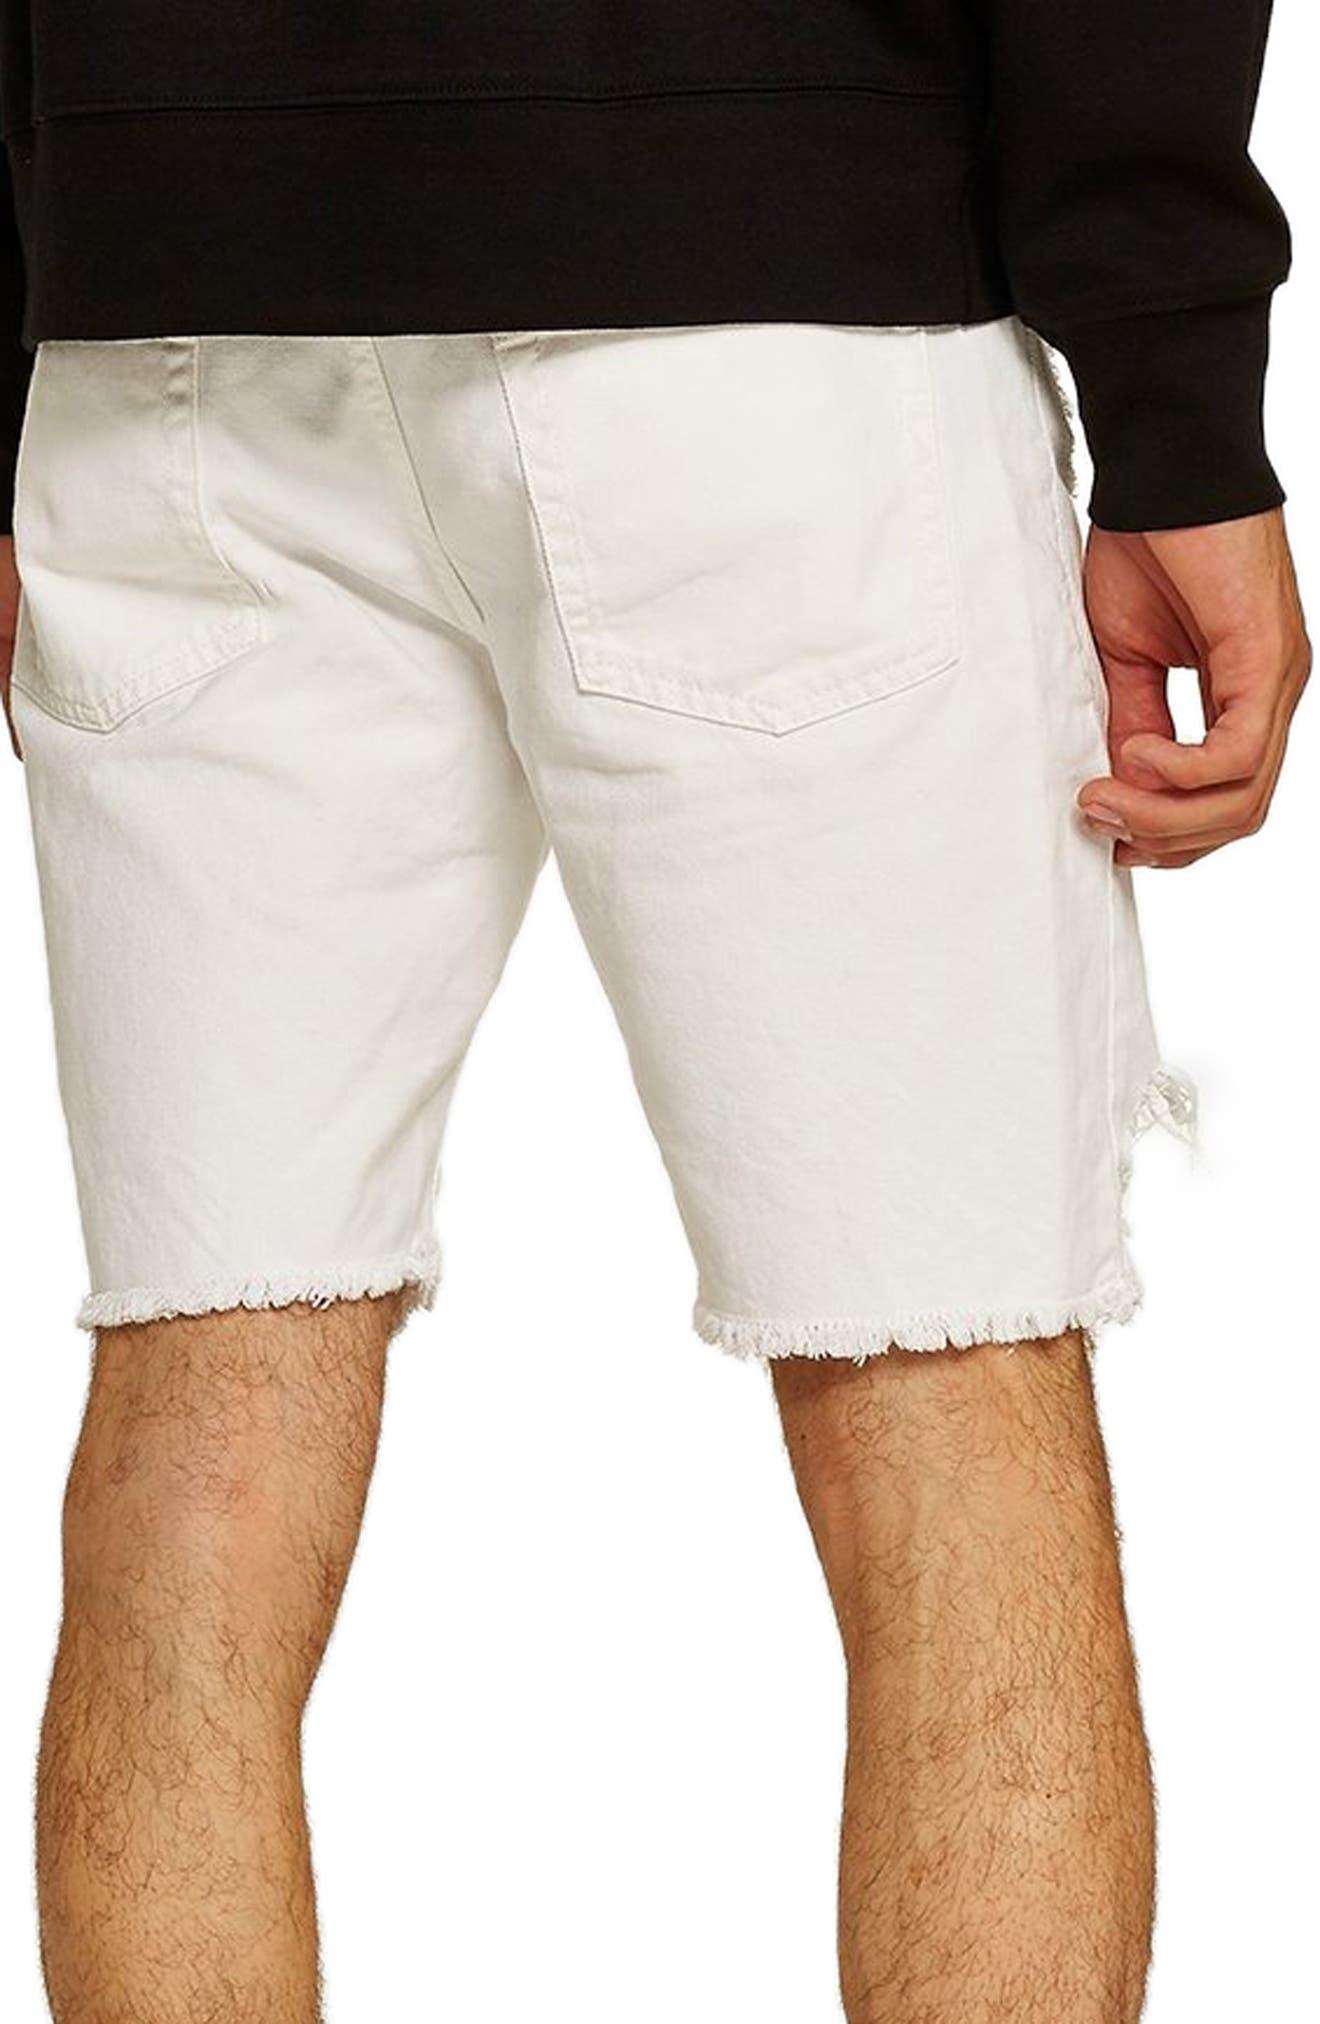 Slim Fit Shredded Jean Shorts,                             Alternate thumbnail 2, color,                             WHITE